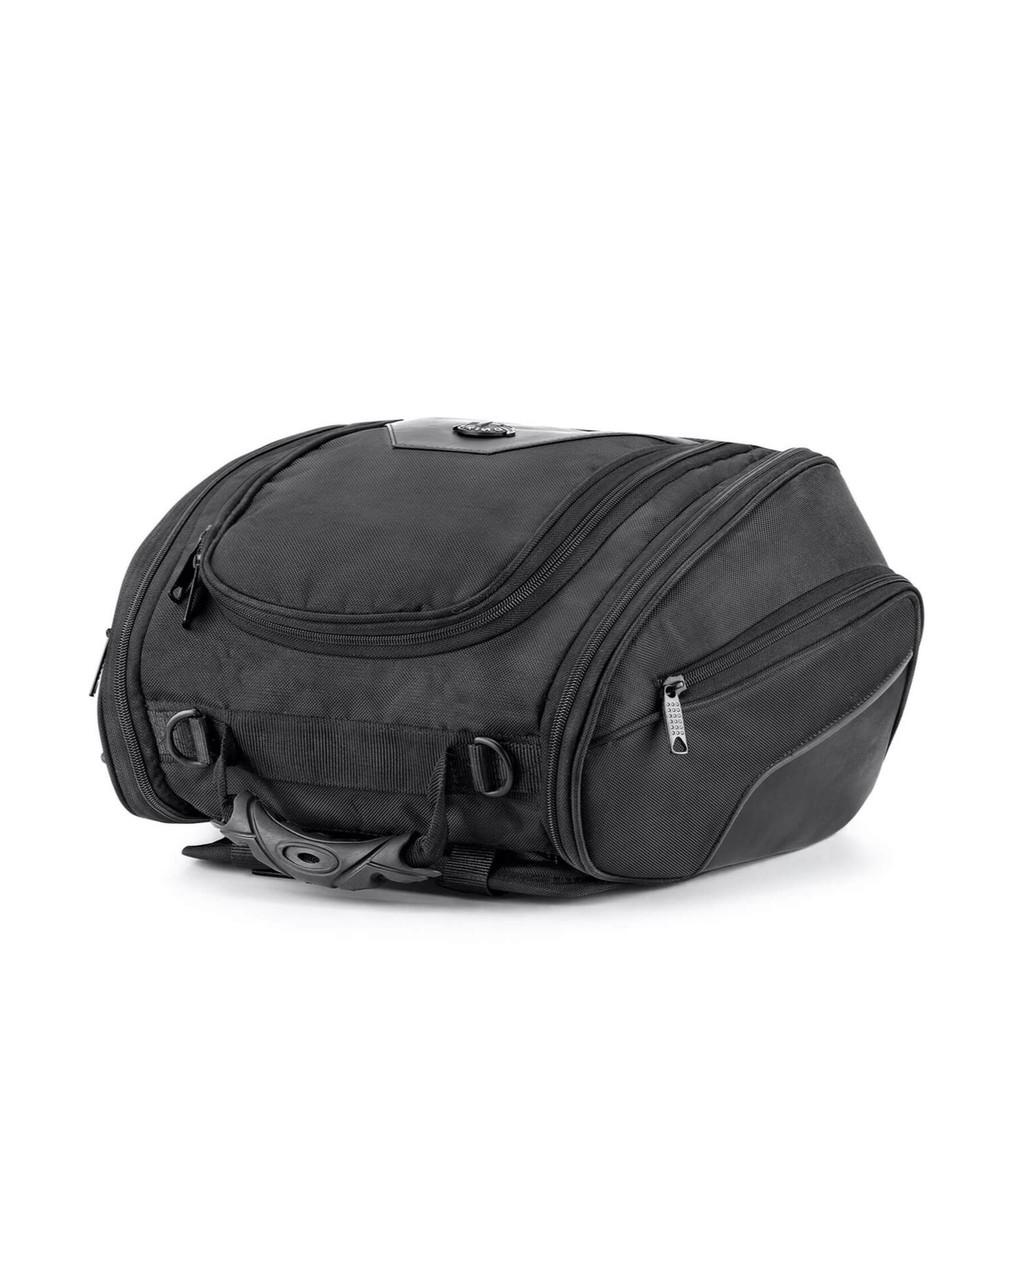 Kawasaki Viking Sport Motorcycle Tail Bag Main Bag View